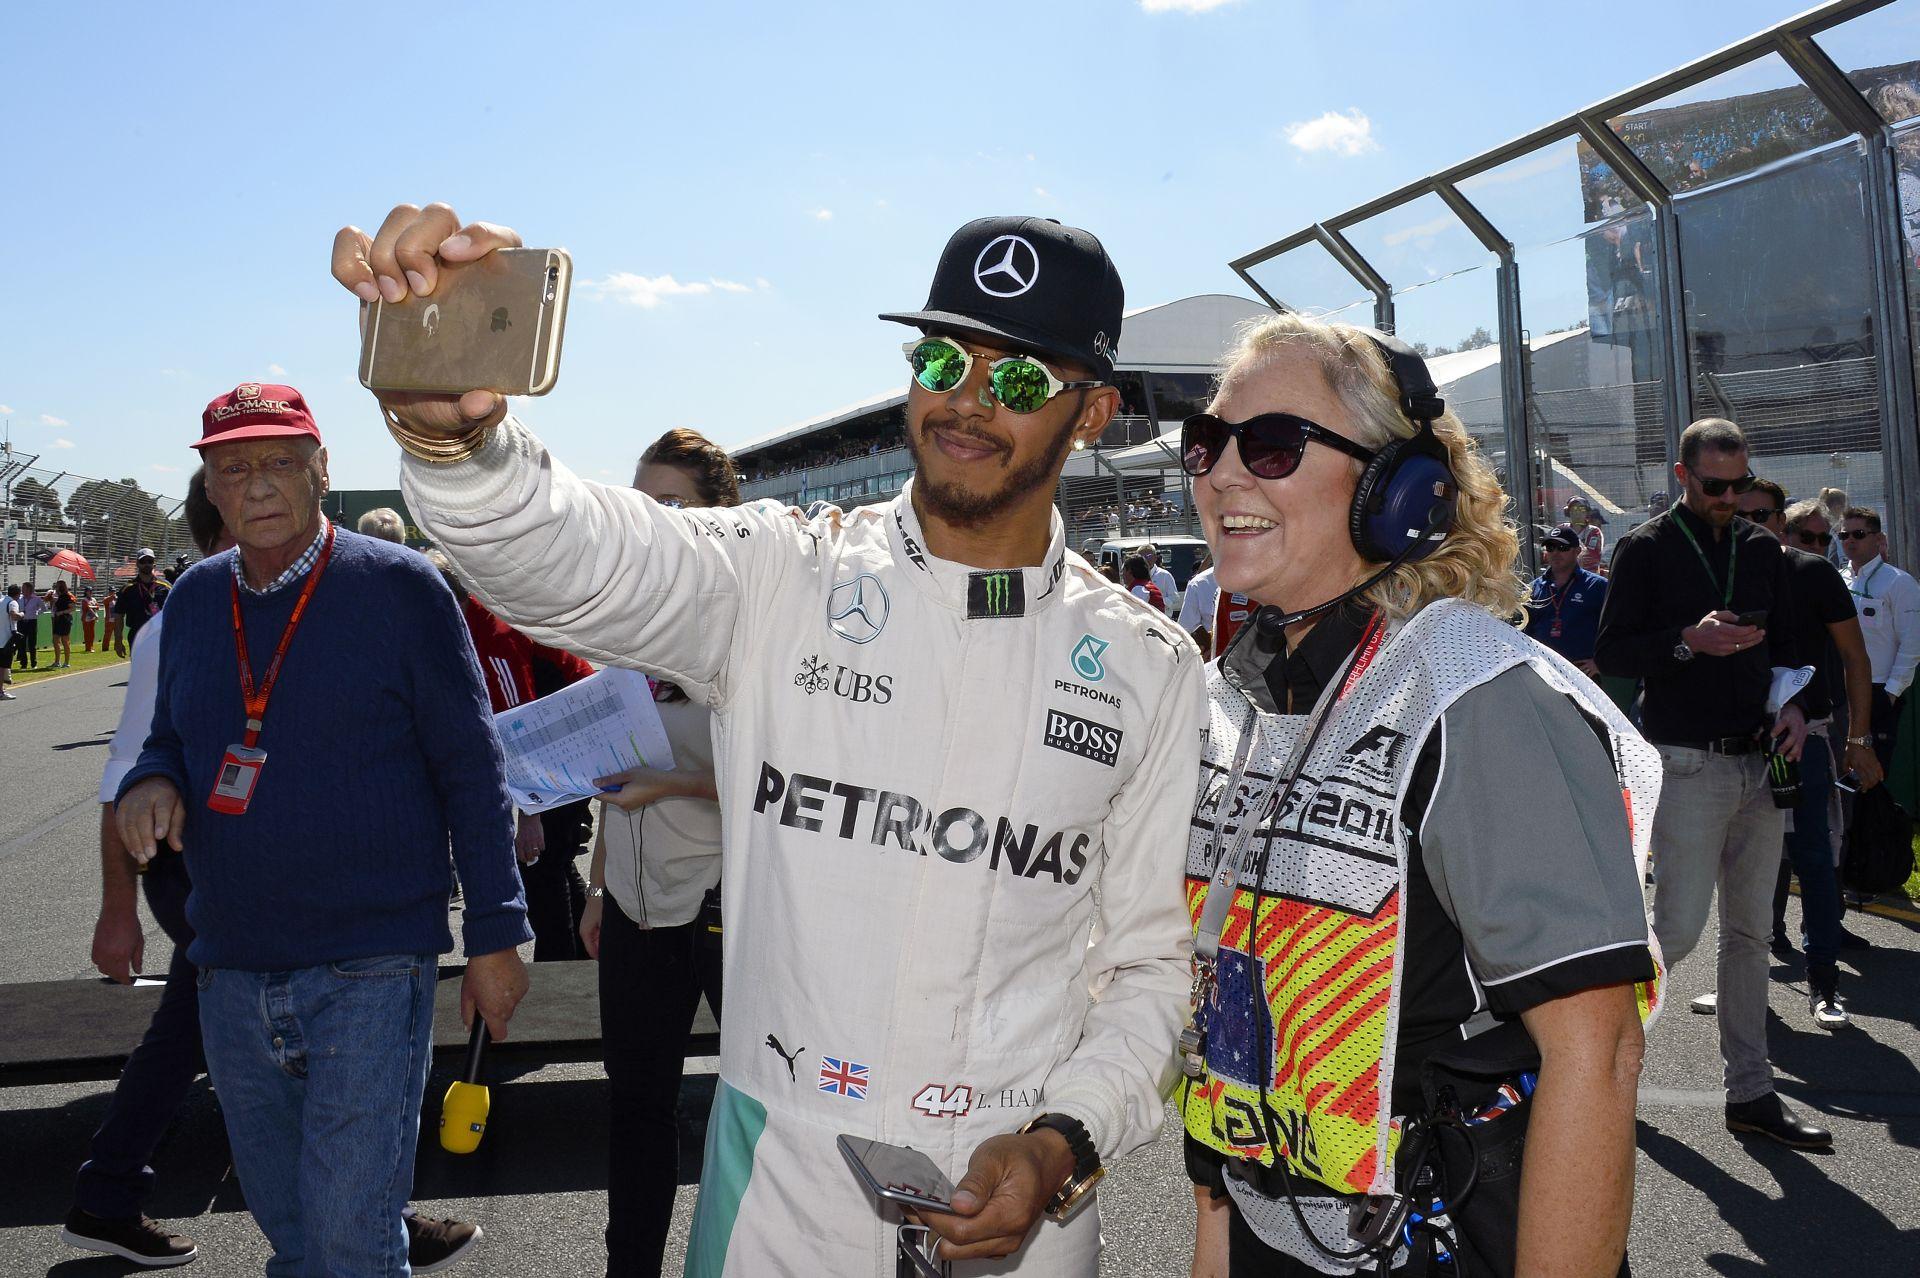 Hamilton a szabályalkotókat és versenyzőtársait kritizálta: Csak Vettel nyitja ki a száját!